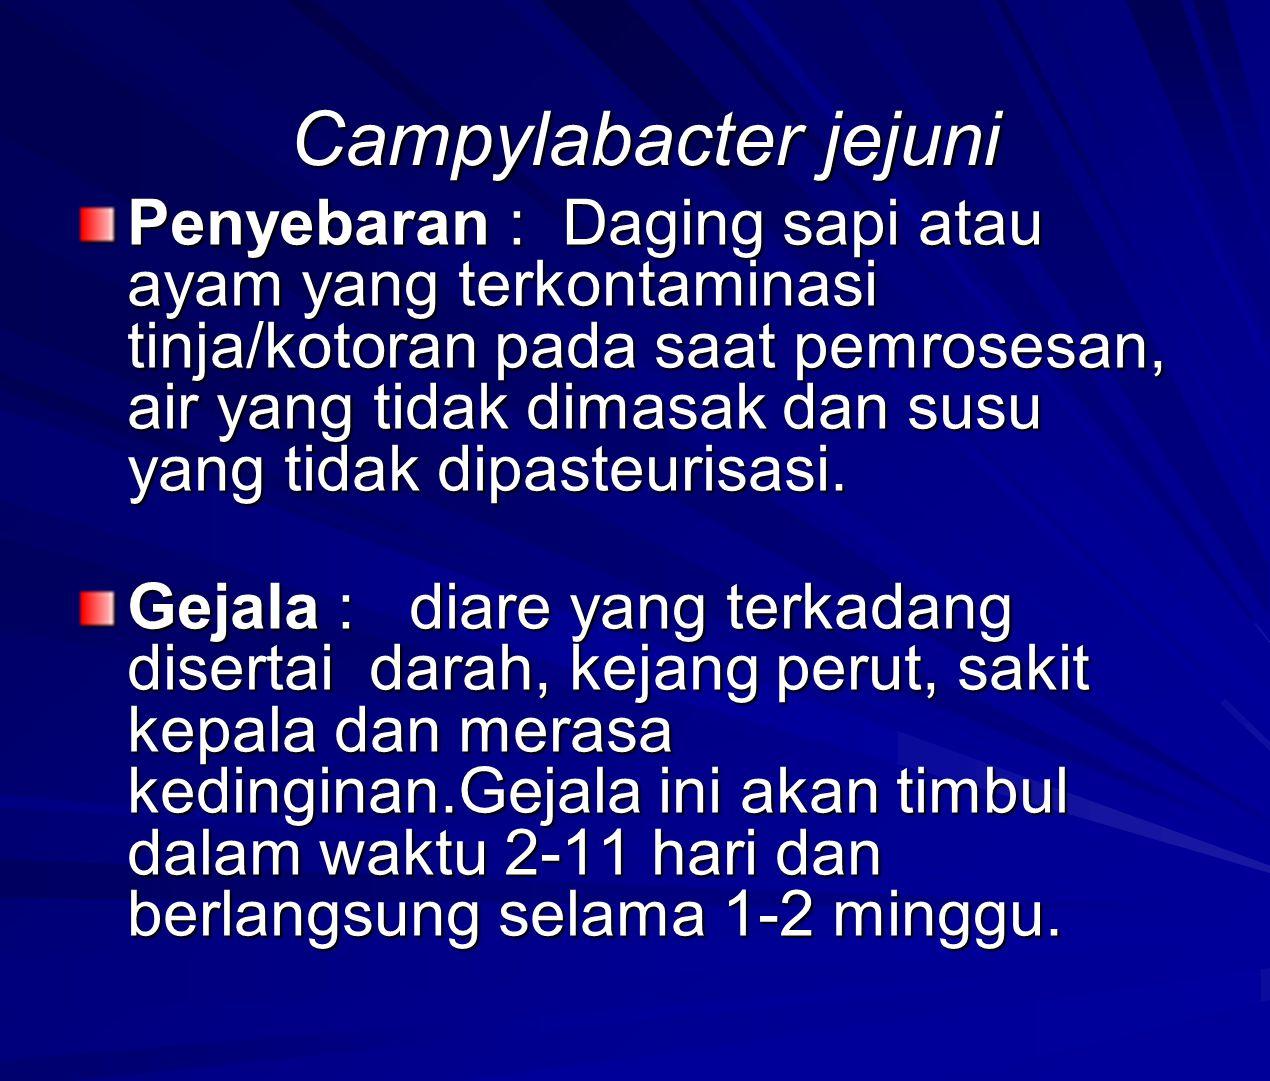 Campylabacter jejuni Penyebaran : Daging sapi atau ayam yang terkontaminasi tinja/kotoran pada saat pemrosesan, air yang tidak dimasak dan susu yang tidak dipasteurisasi.